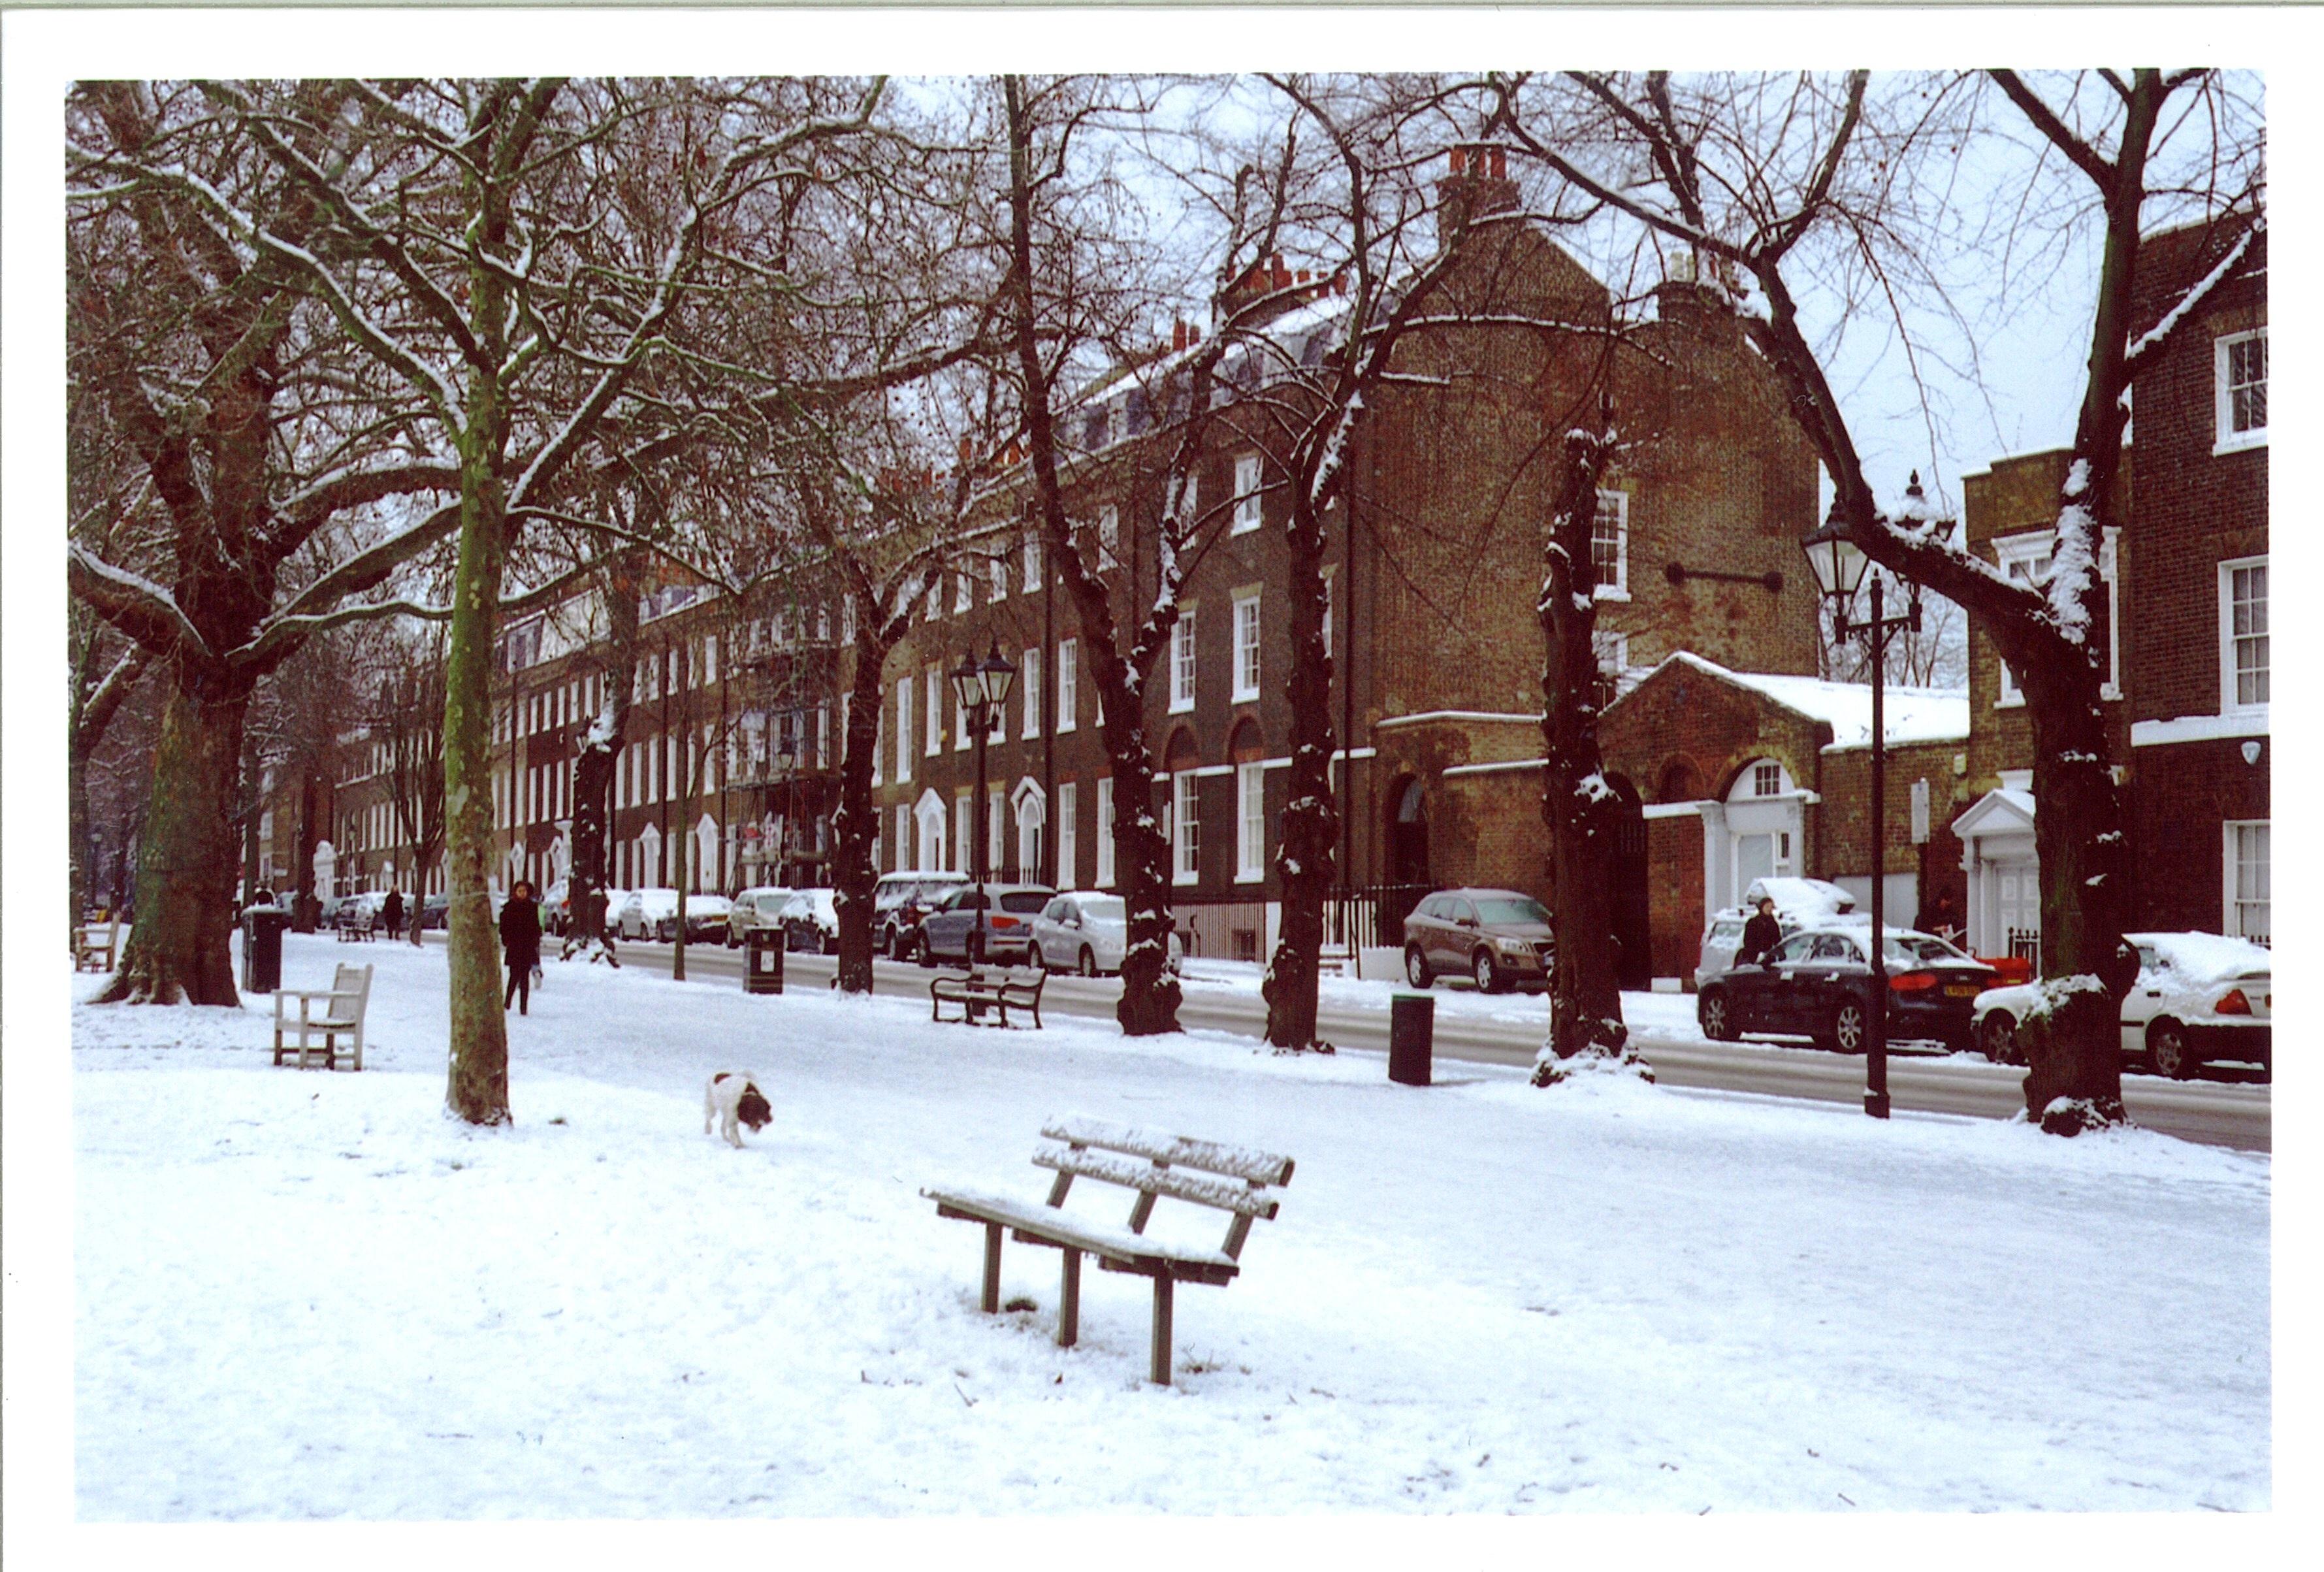 Gambar Pohon Musim Dingin Putih Pemandangan Kota Cuaca Beku